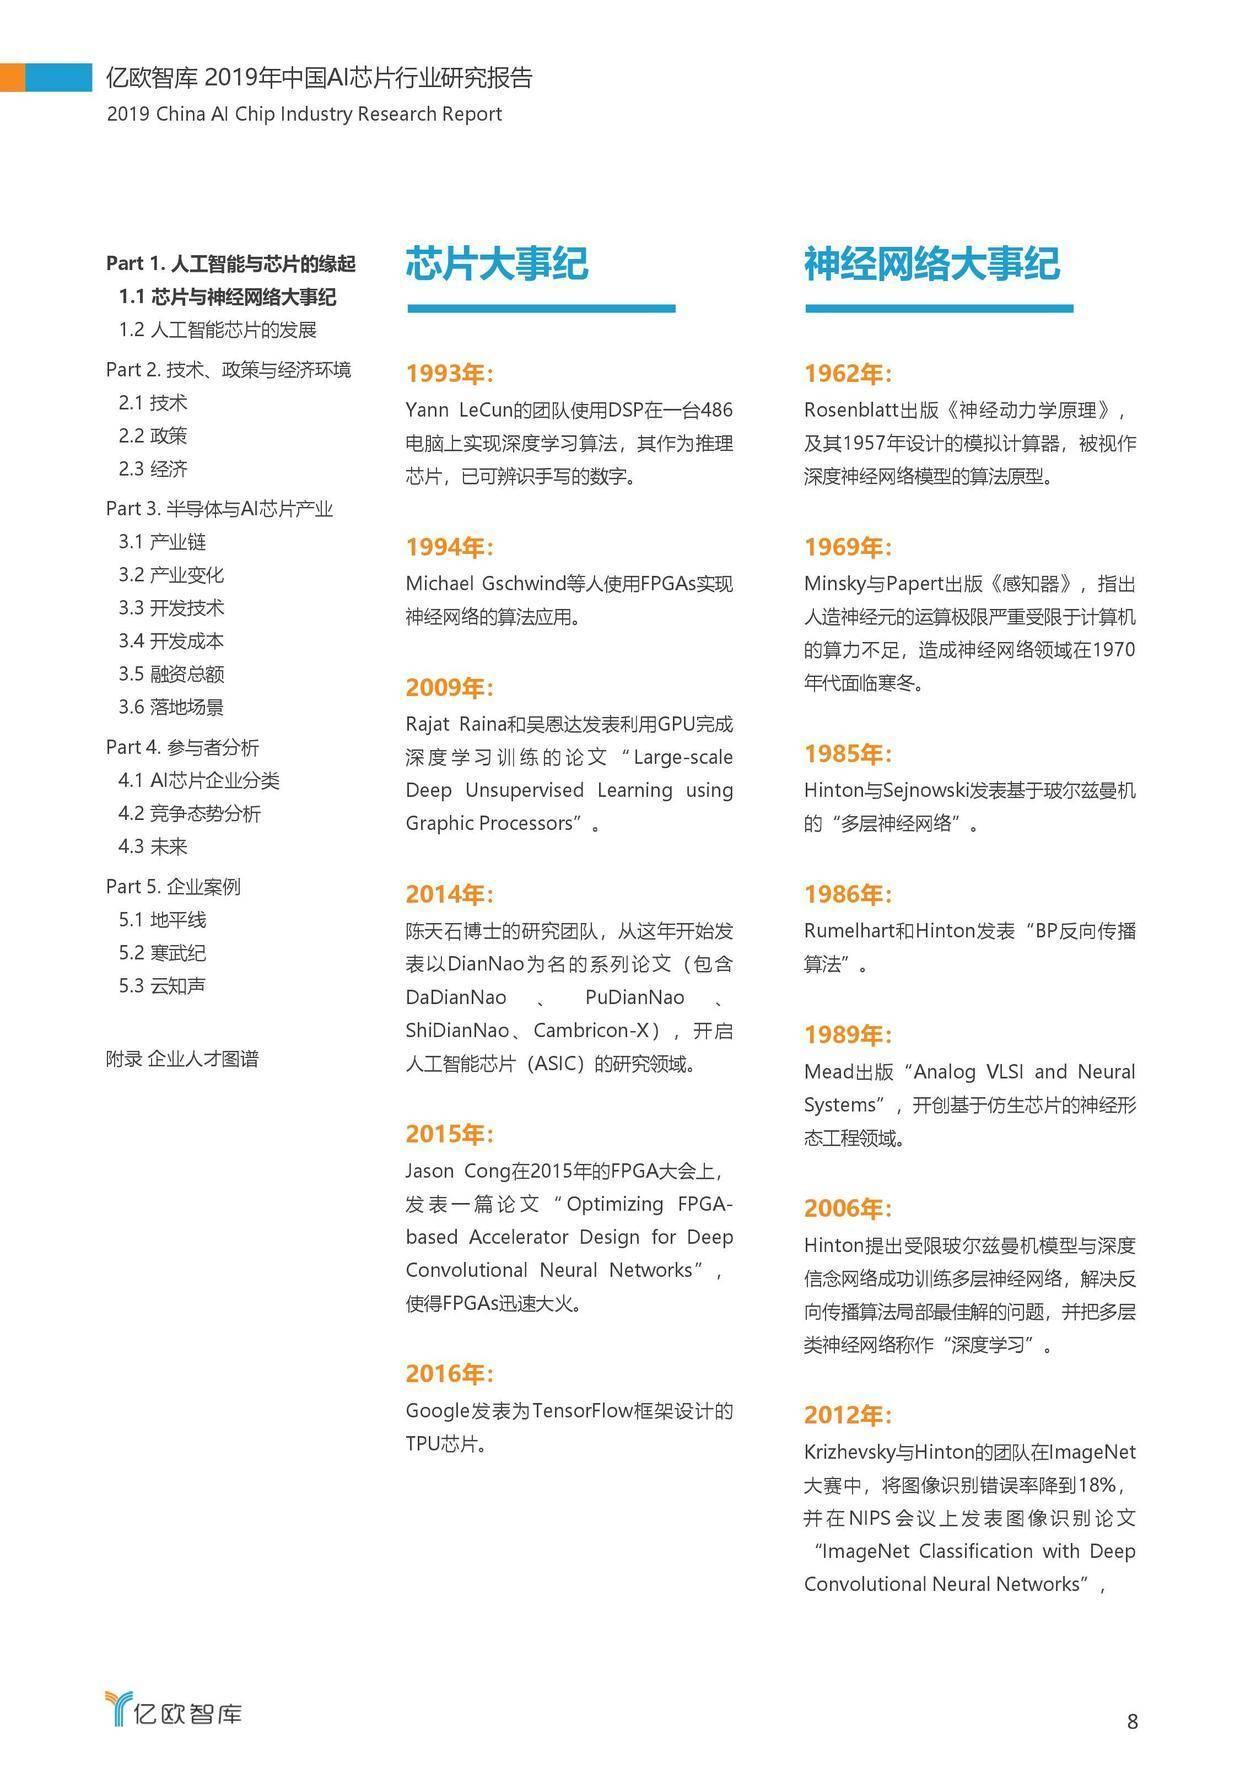 亿欧智库:2019年中国AI芯片行业研究报告